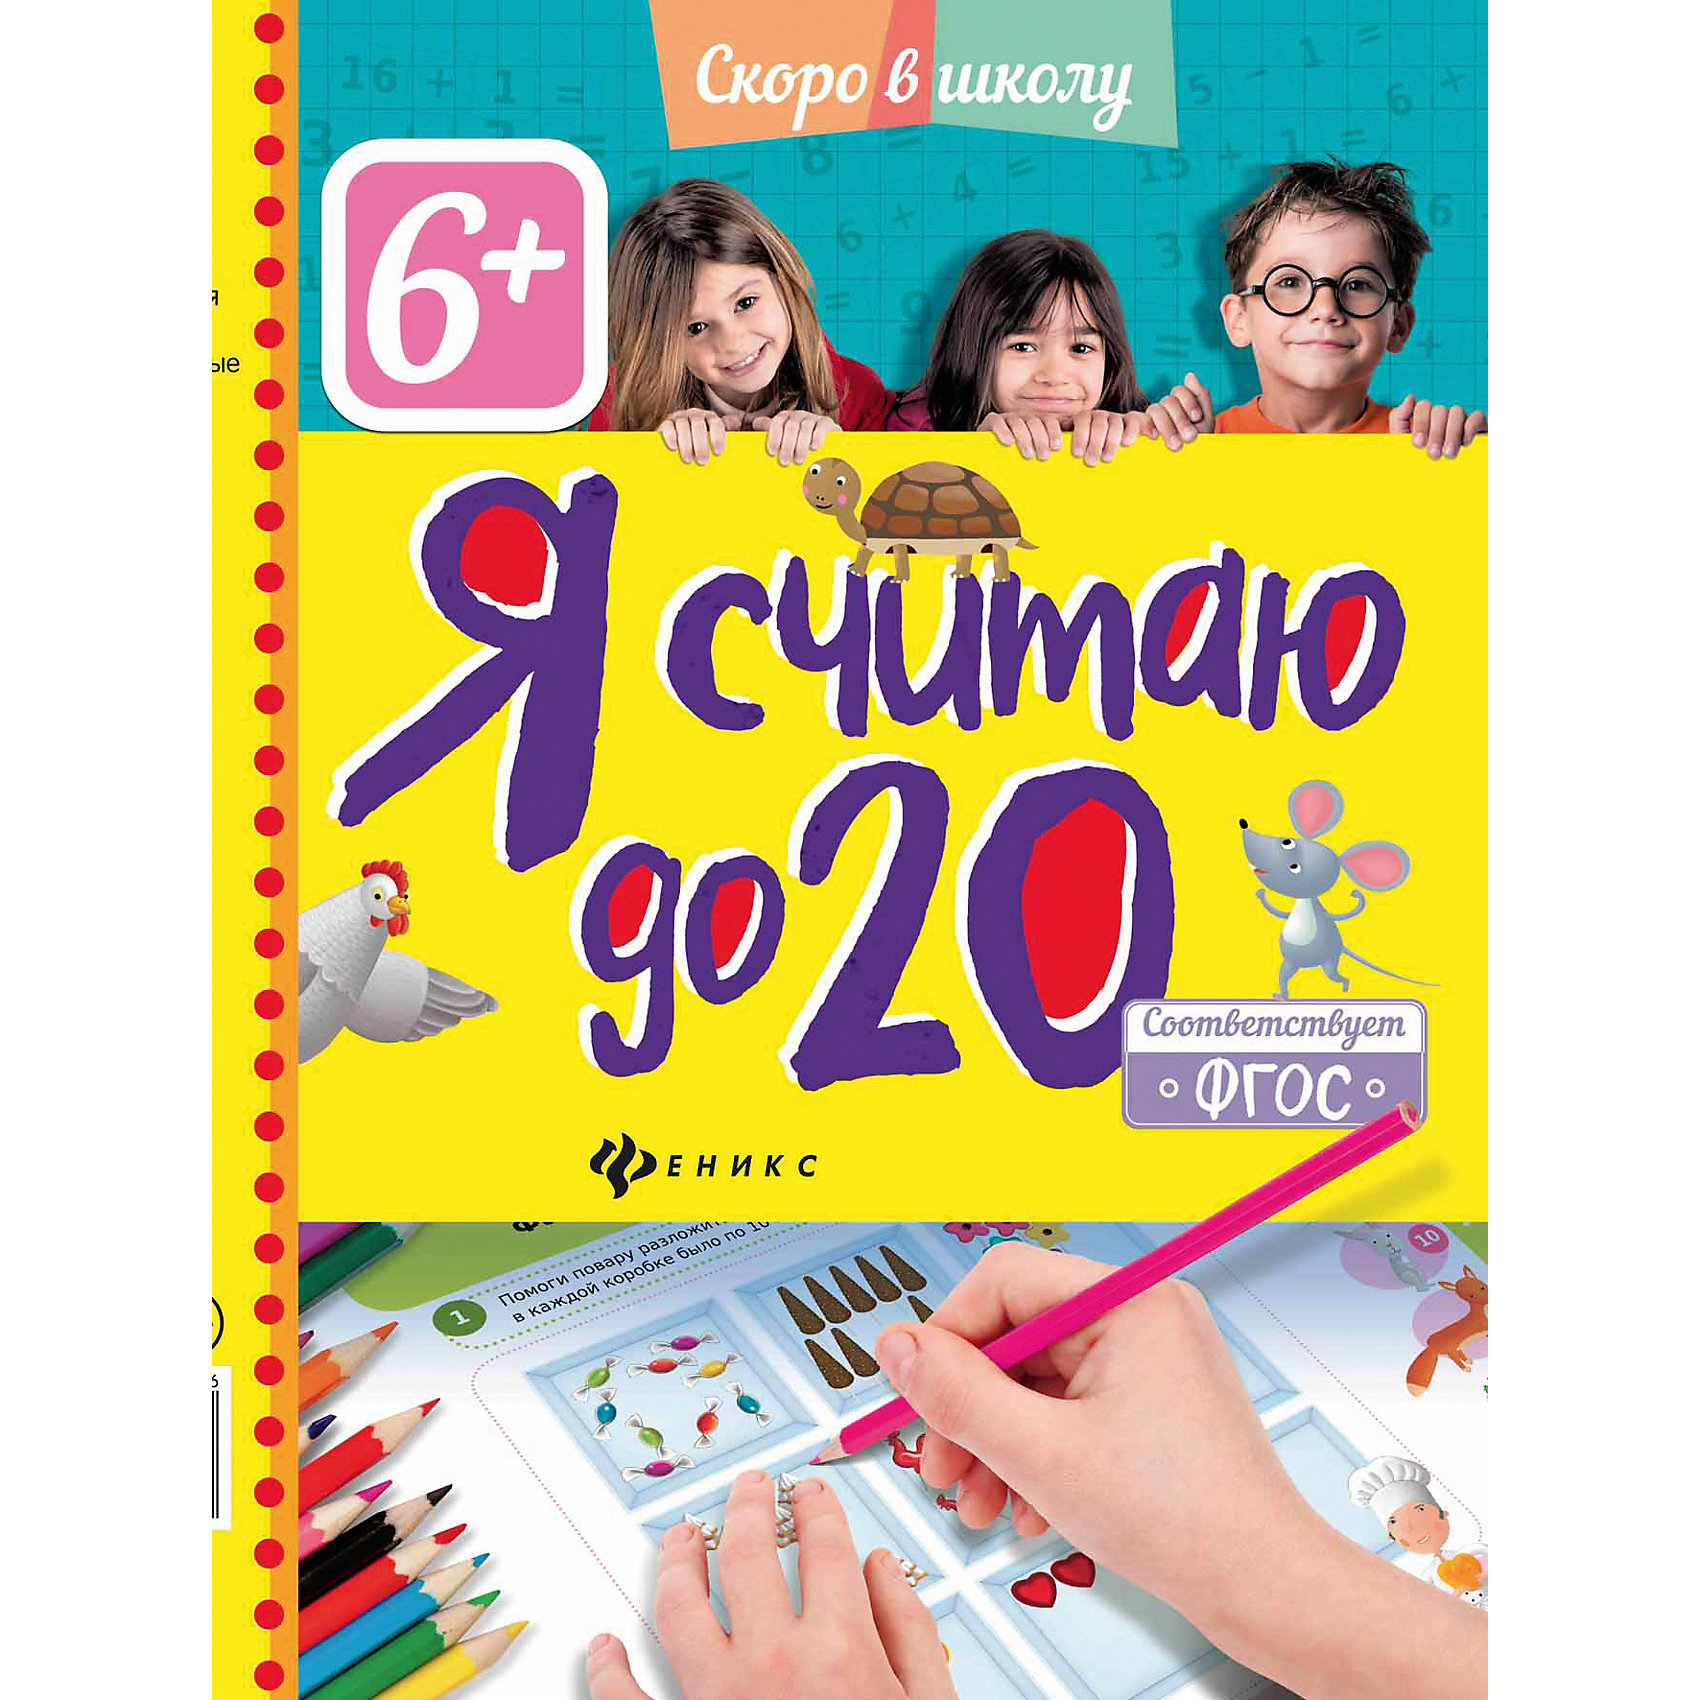 Я считаю до 20Пособия для обучения счёту<br>Характеристики товара: <br><br>• ISBN: 978-5-222-26849-0; <br>• возраст: от 6 лет;<br>• формат: 60*84/8; <br>• бумага: офсет; <br>• иллюстрации: цветные; <br>• издательство: Феникс; <br>• количество страниц: 16; <br>• автор: Разумовская Юлия;<br>• художник: Мясникова Татьяна;<br>• серия: Скоро в школу;<br>• размер: 28,8х20,3х0,1 см;<br>• вес: 58 грамм.<br><br>Издание «Я считаю до 20» из серии «Скоро в школу» поможет закрепить знания ребенка перед подготовкой к школе. В книге собраны упражнения, которые научат ребенка считать до 20, сравнивать числа и решать простейшие примеры. Книжка дополнена красочными иллюстрациями, понятными детям. Издание соответствует ФГОС.<br><br>Издание «Я считаю до 20», Феникс можно купить в нашем интернет-магазине.<br><br>Ширина мм: 288<br>Глубина мм: 204<br>Высота мм: 2<br>Вес г: 58<br>Возраст от месяцев: 12<br>Возраст до месяцев: 72<br>Пол: Унисекс<br>Возраст: Детский<br>SKU: 5120127